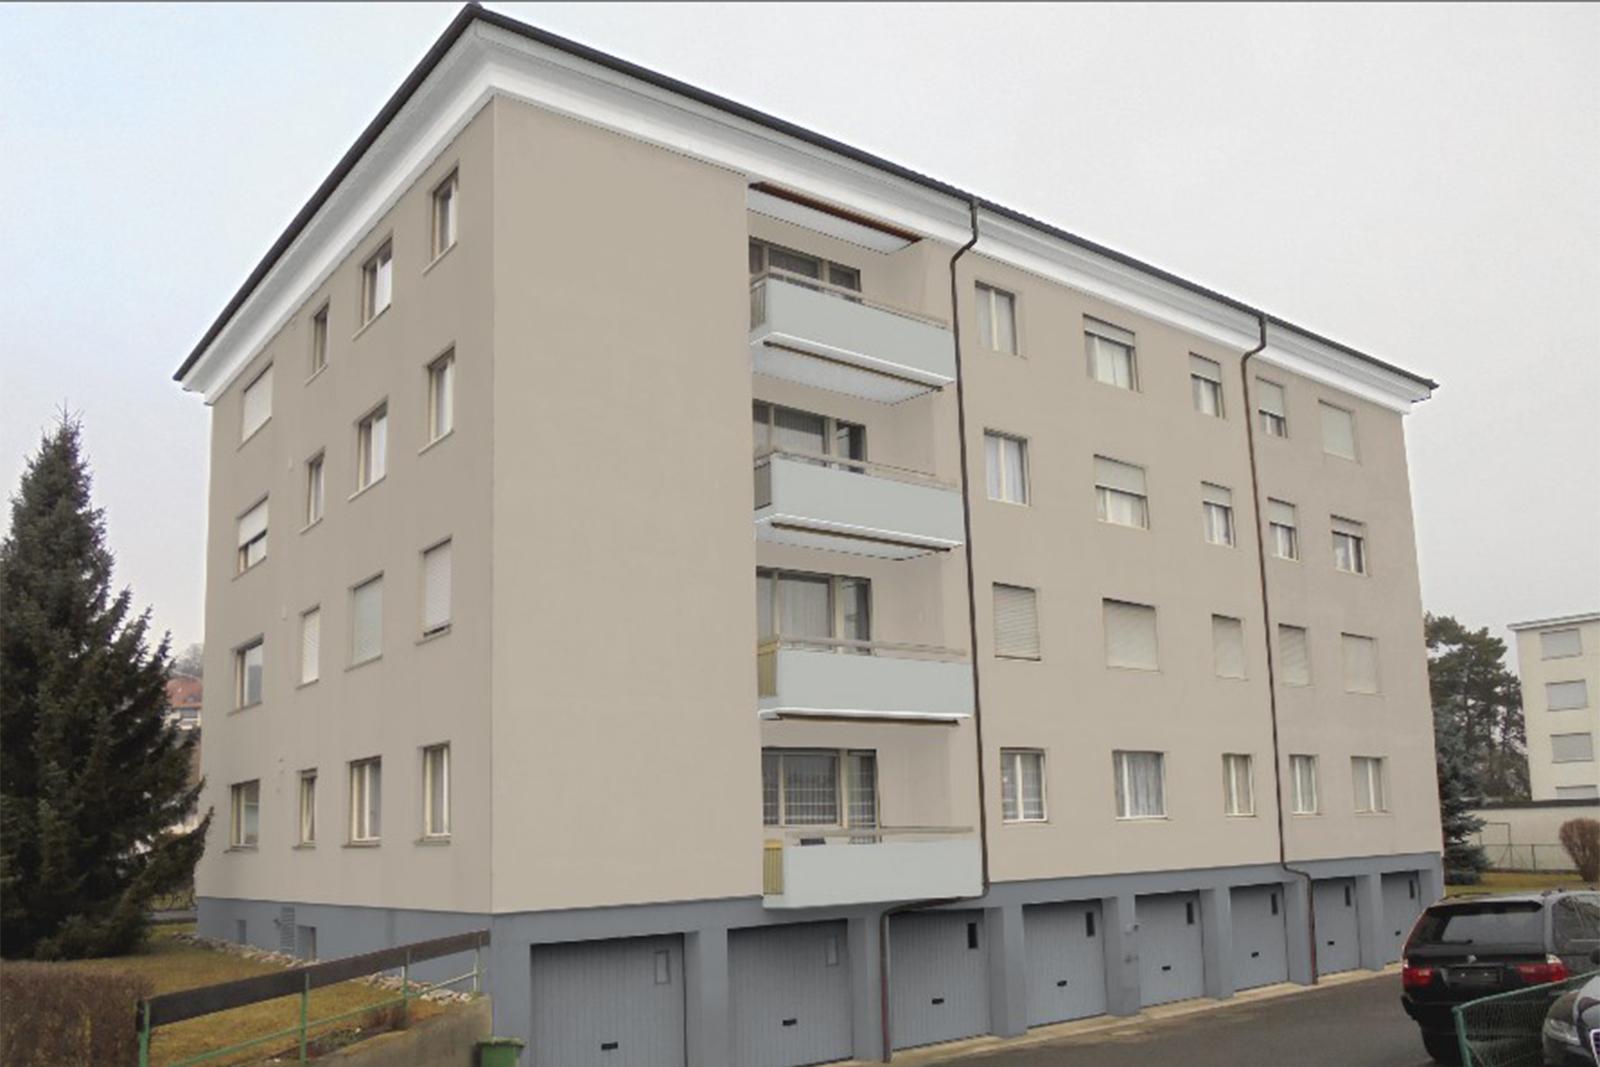 07 - Neufeldstrasse Fassade 1600x1067